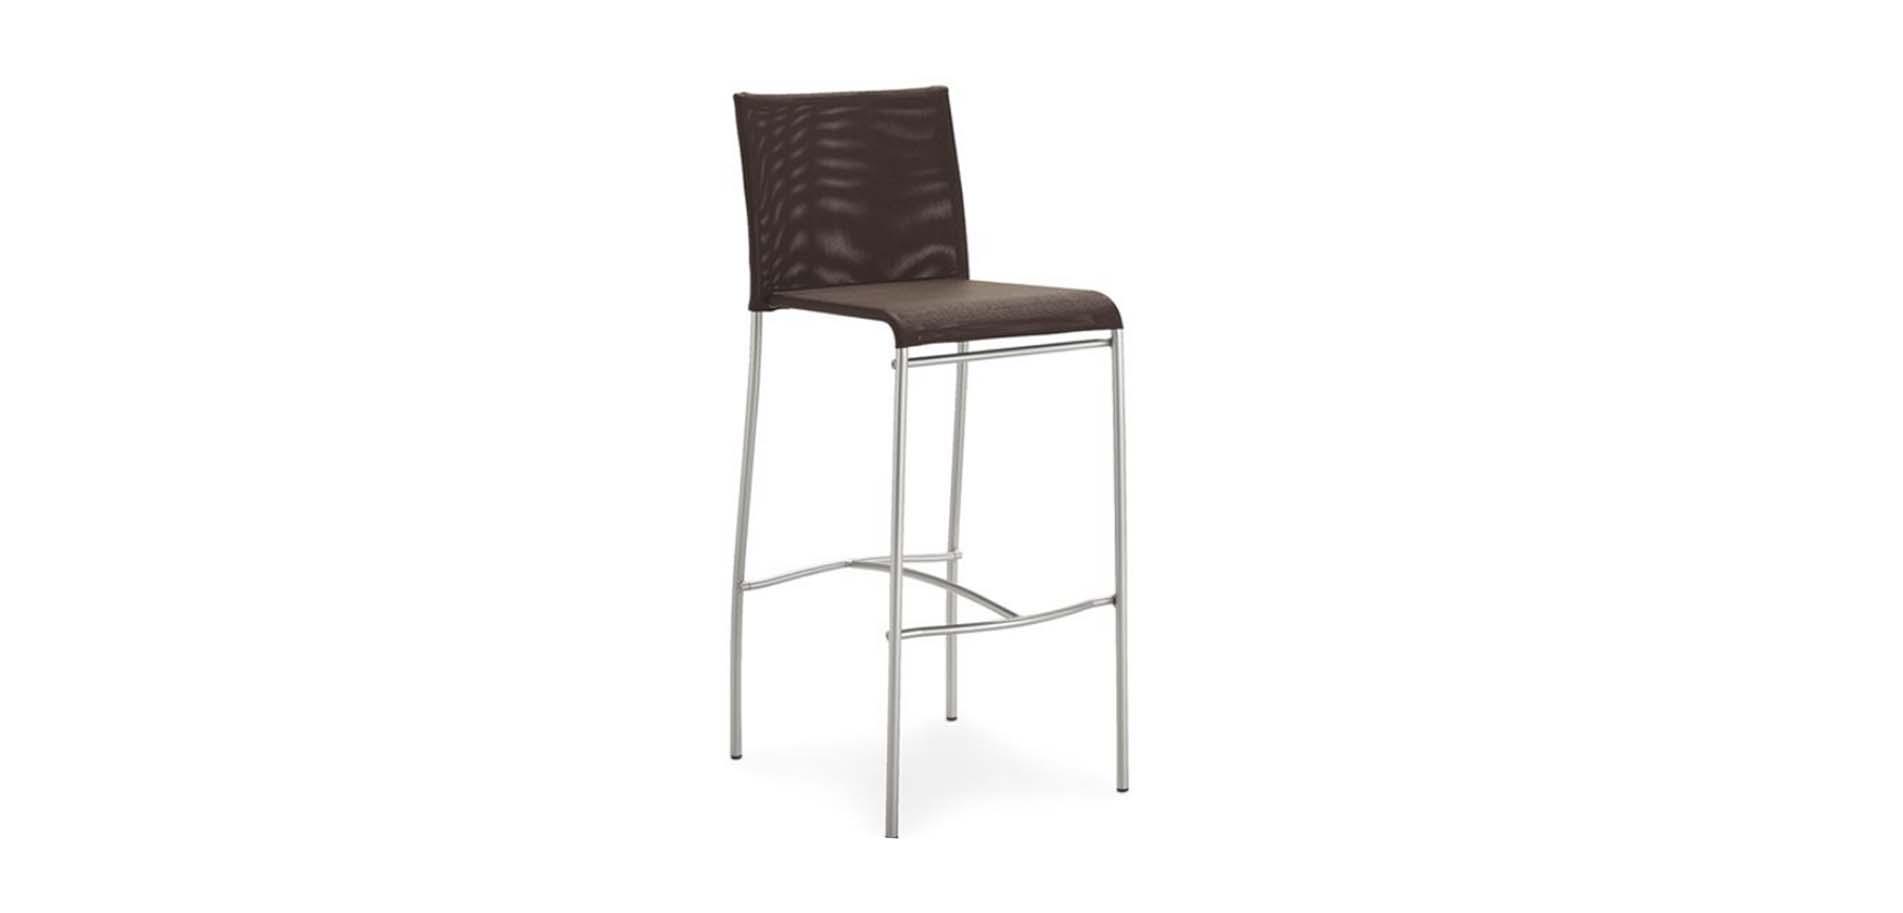 Μεταλλικό bar stool connubia